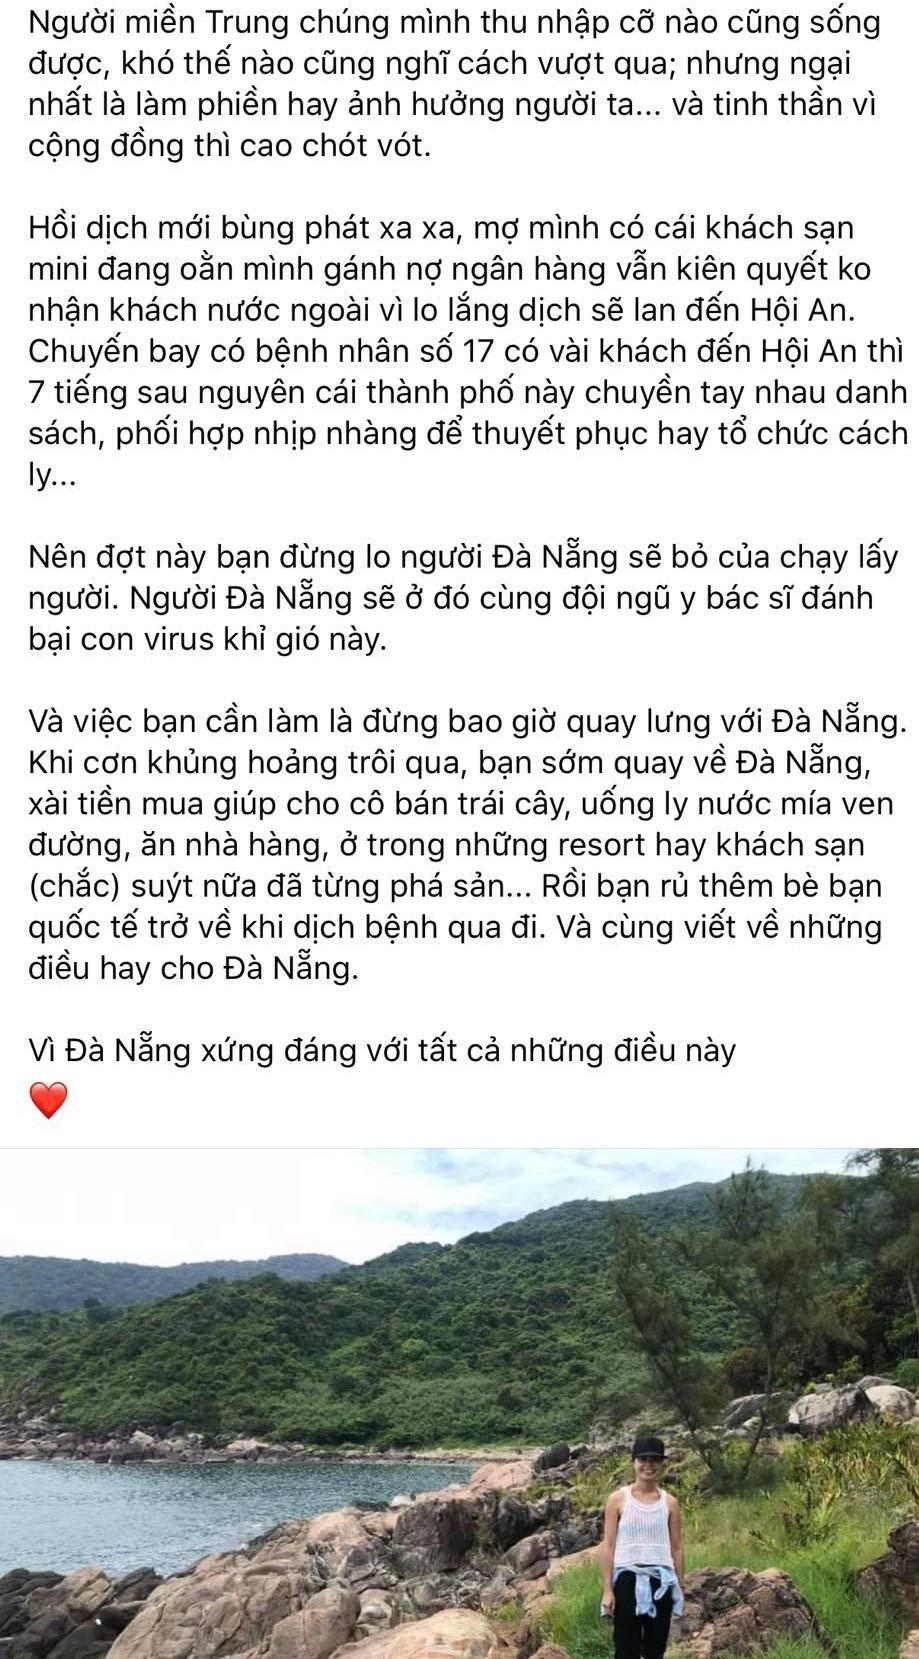 Đừng bao giờ quay lưng với Đà Nẵng! 4